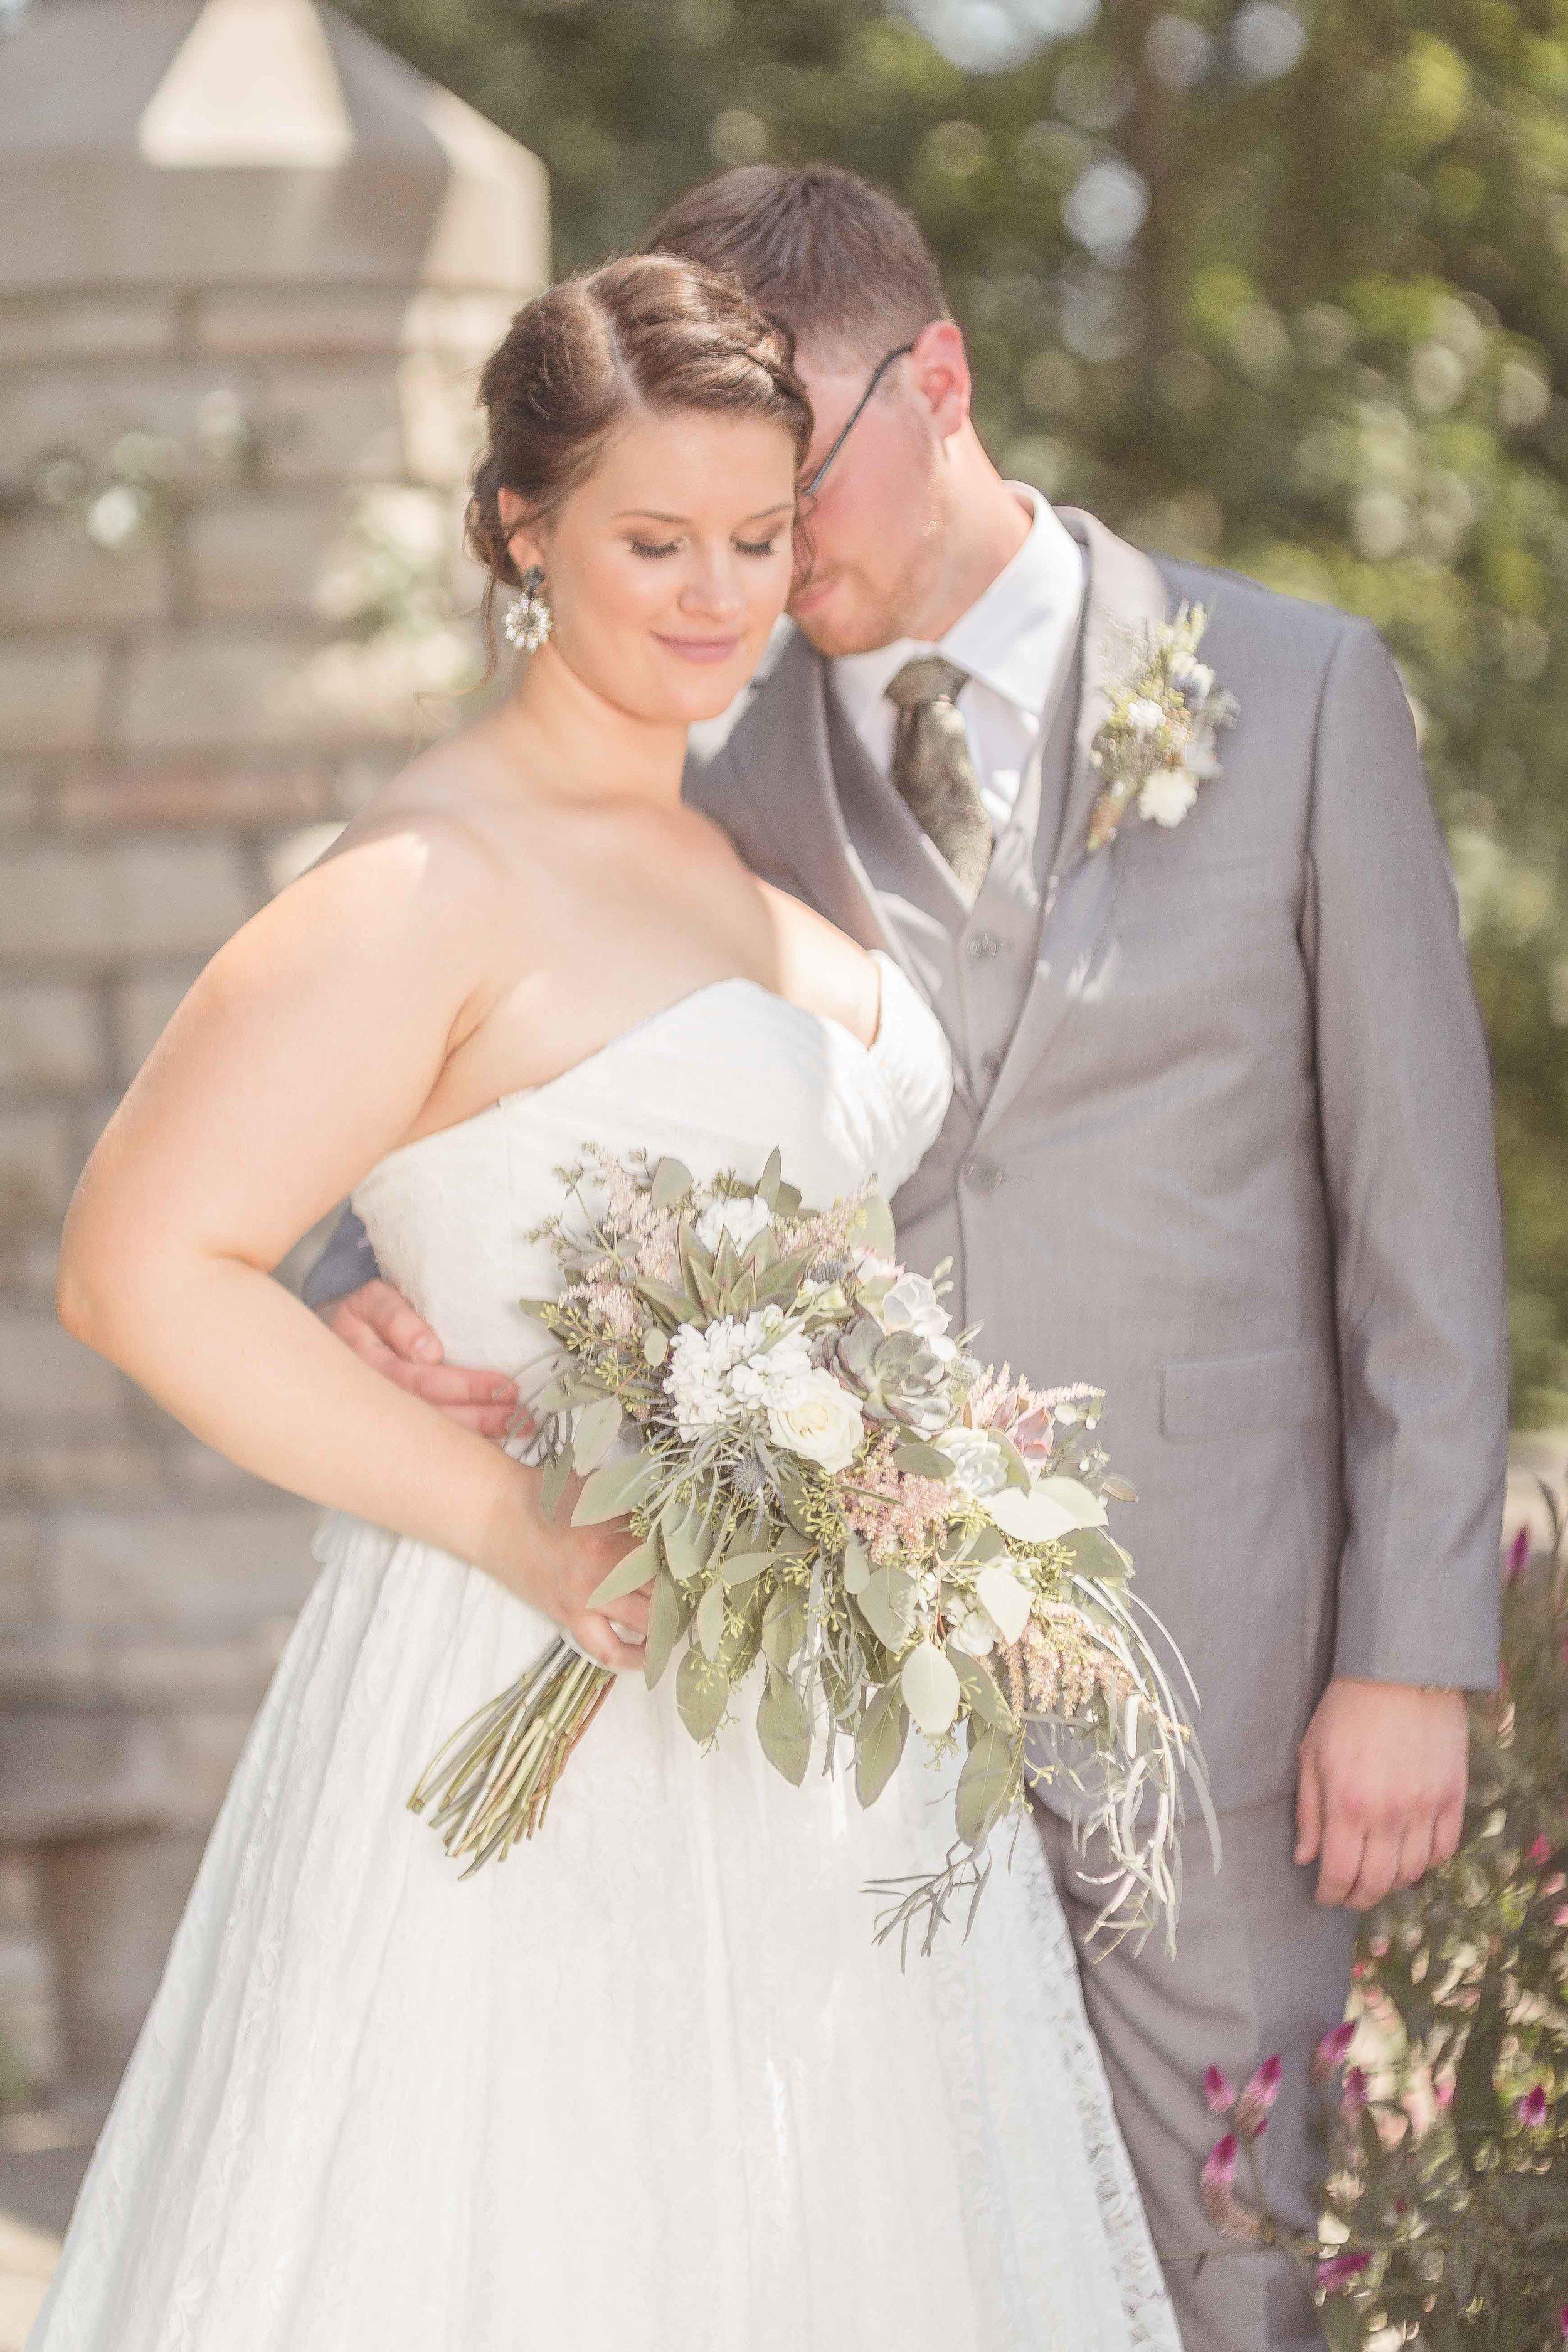 C_Wedding_Sarver, Alyssa & Scott_08.04.18-155.jpg